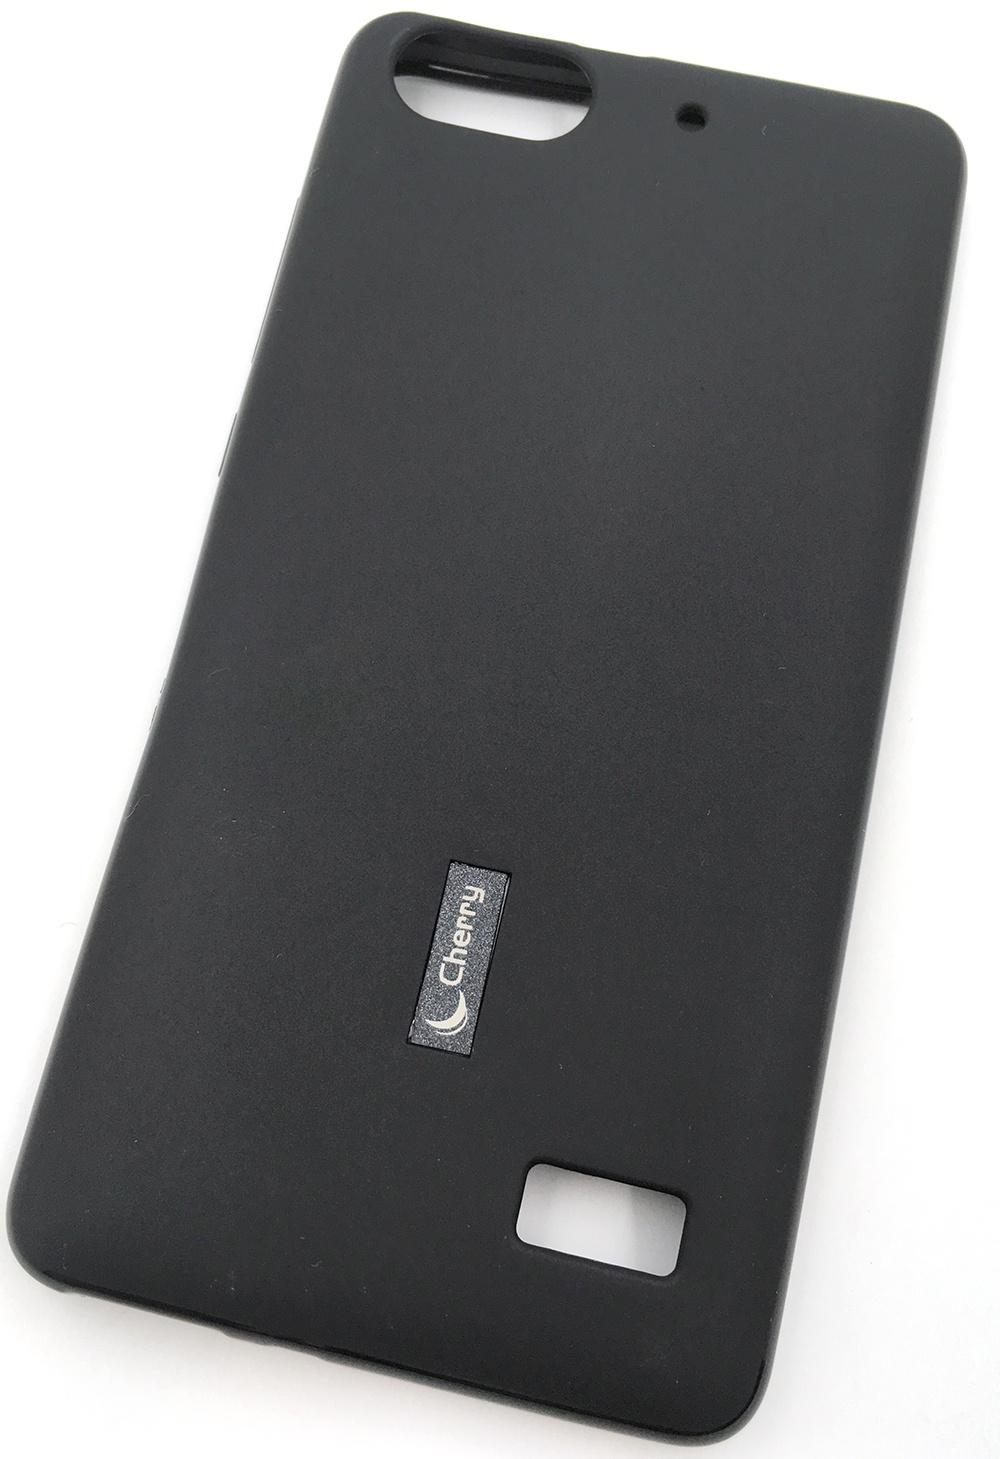 Чехол для сотового телефона Cherry Huawei Honor 4C Накладка резиновая с пленкой на экран, черный аккумулятор для телефона craftmann hb444199ebc для huawei 4c c8818 g play mini g650 honor 4c